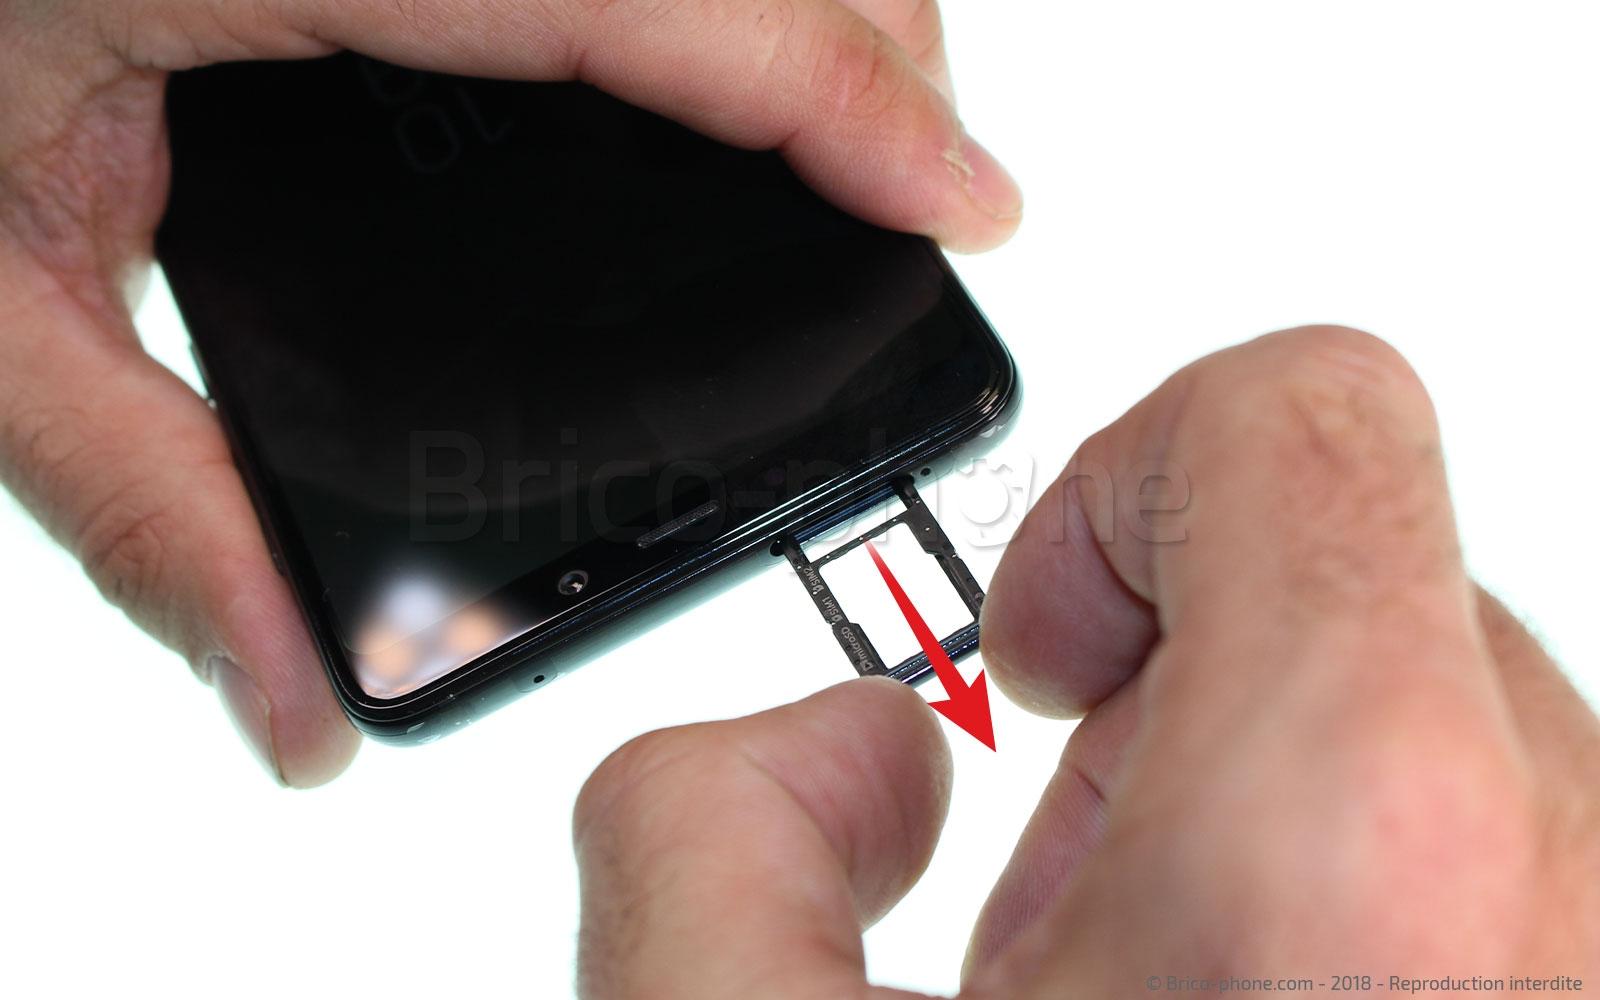 Etape 1: Mettre hors tension et retirer le rack SIM